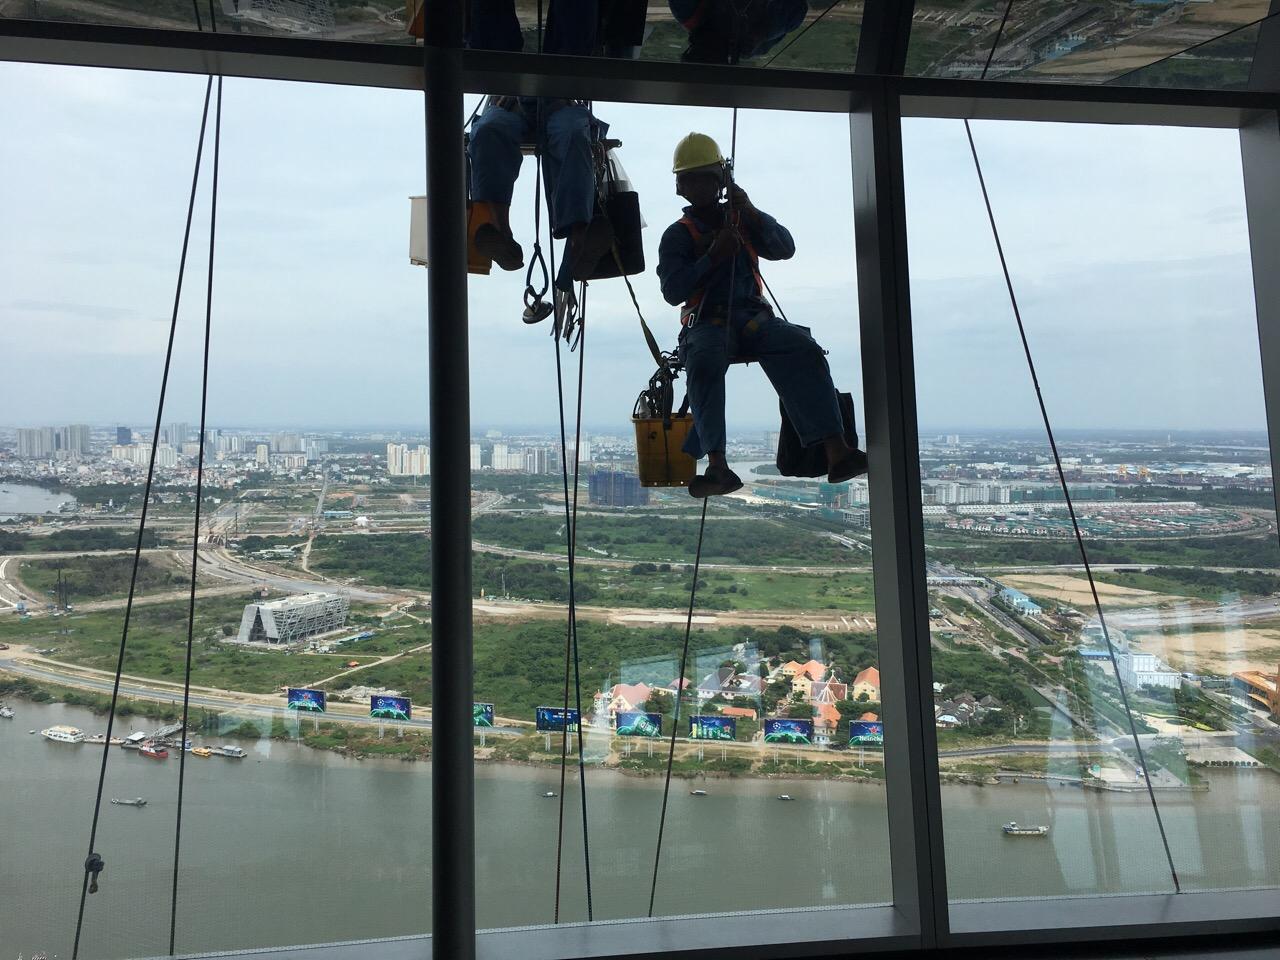 Zwei Fensterreiniger an der Außenfassade des Bitexo Financial Towers in schwindelerregender Höhe!